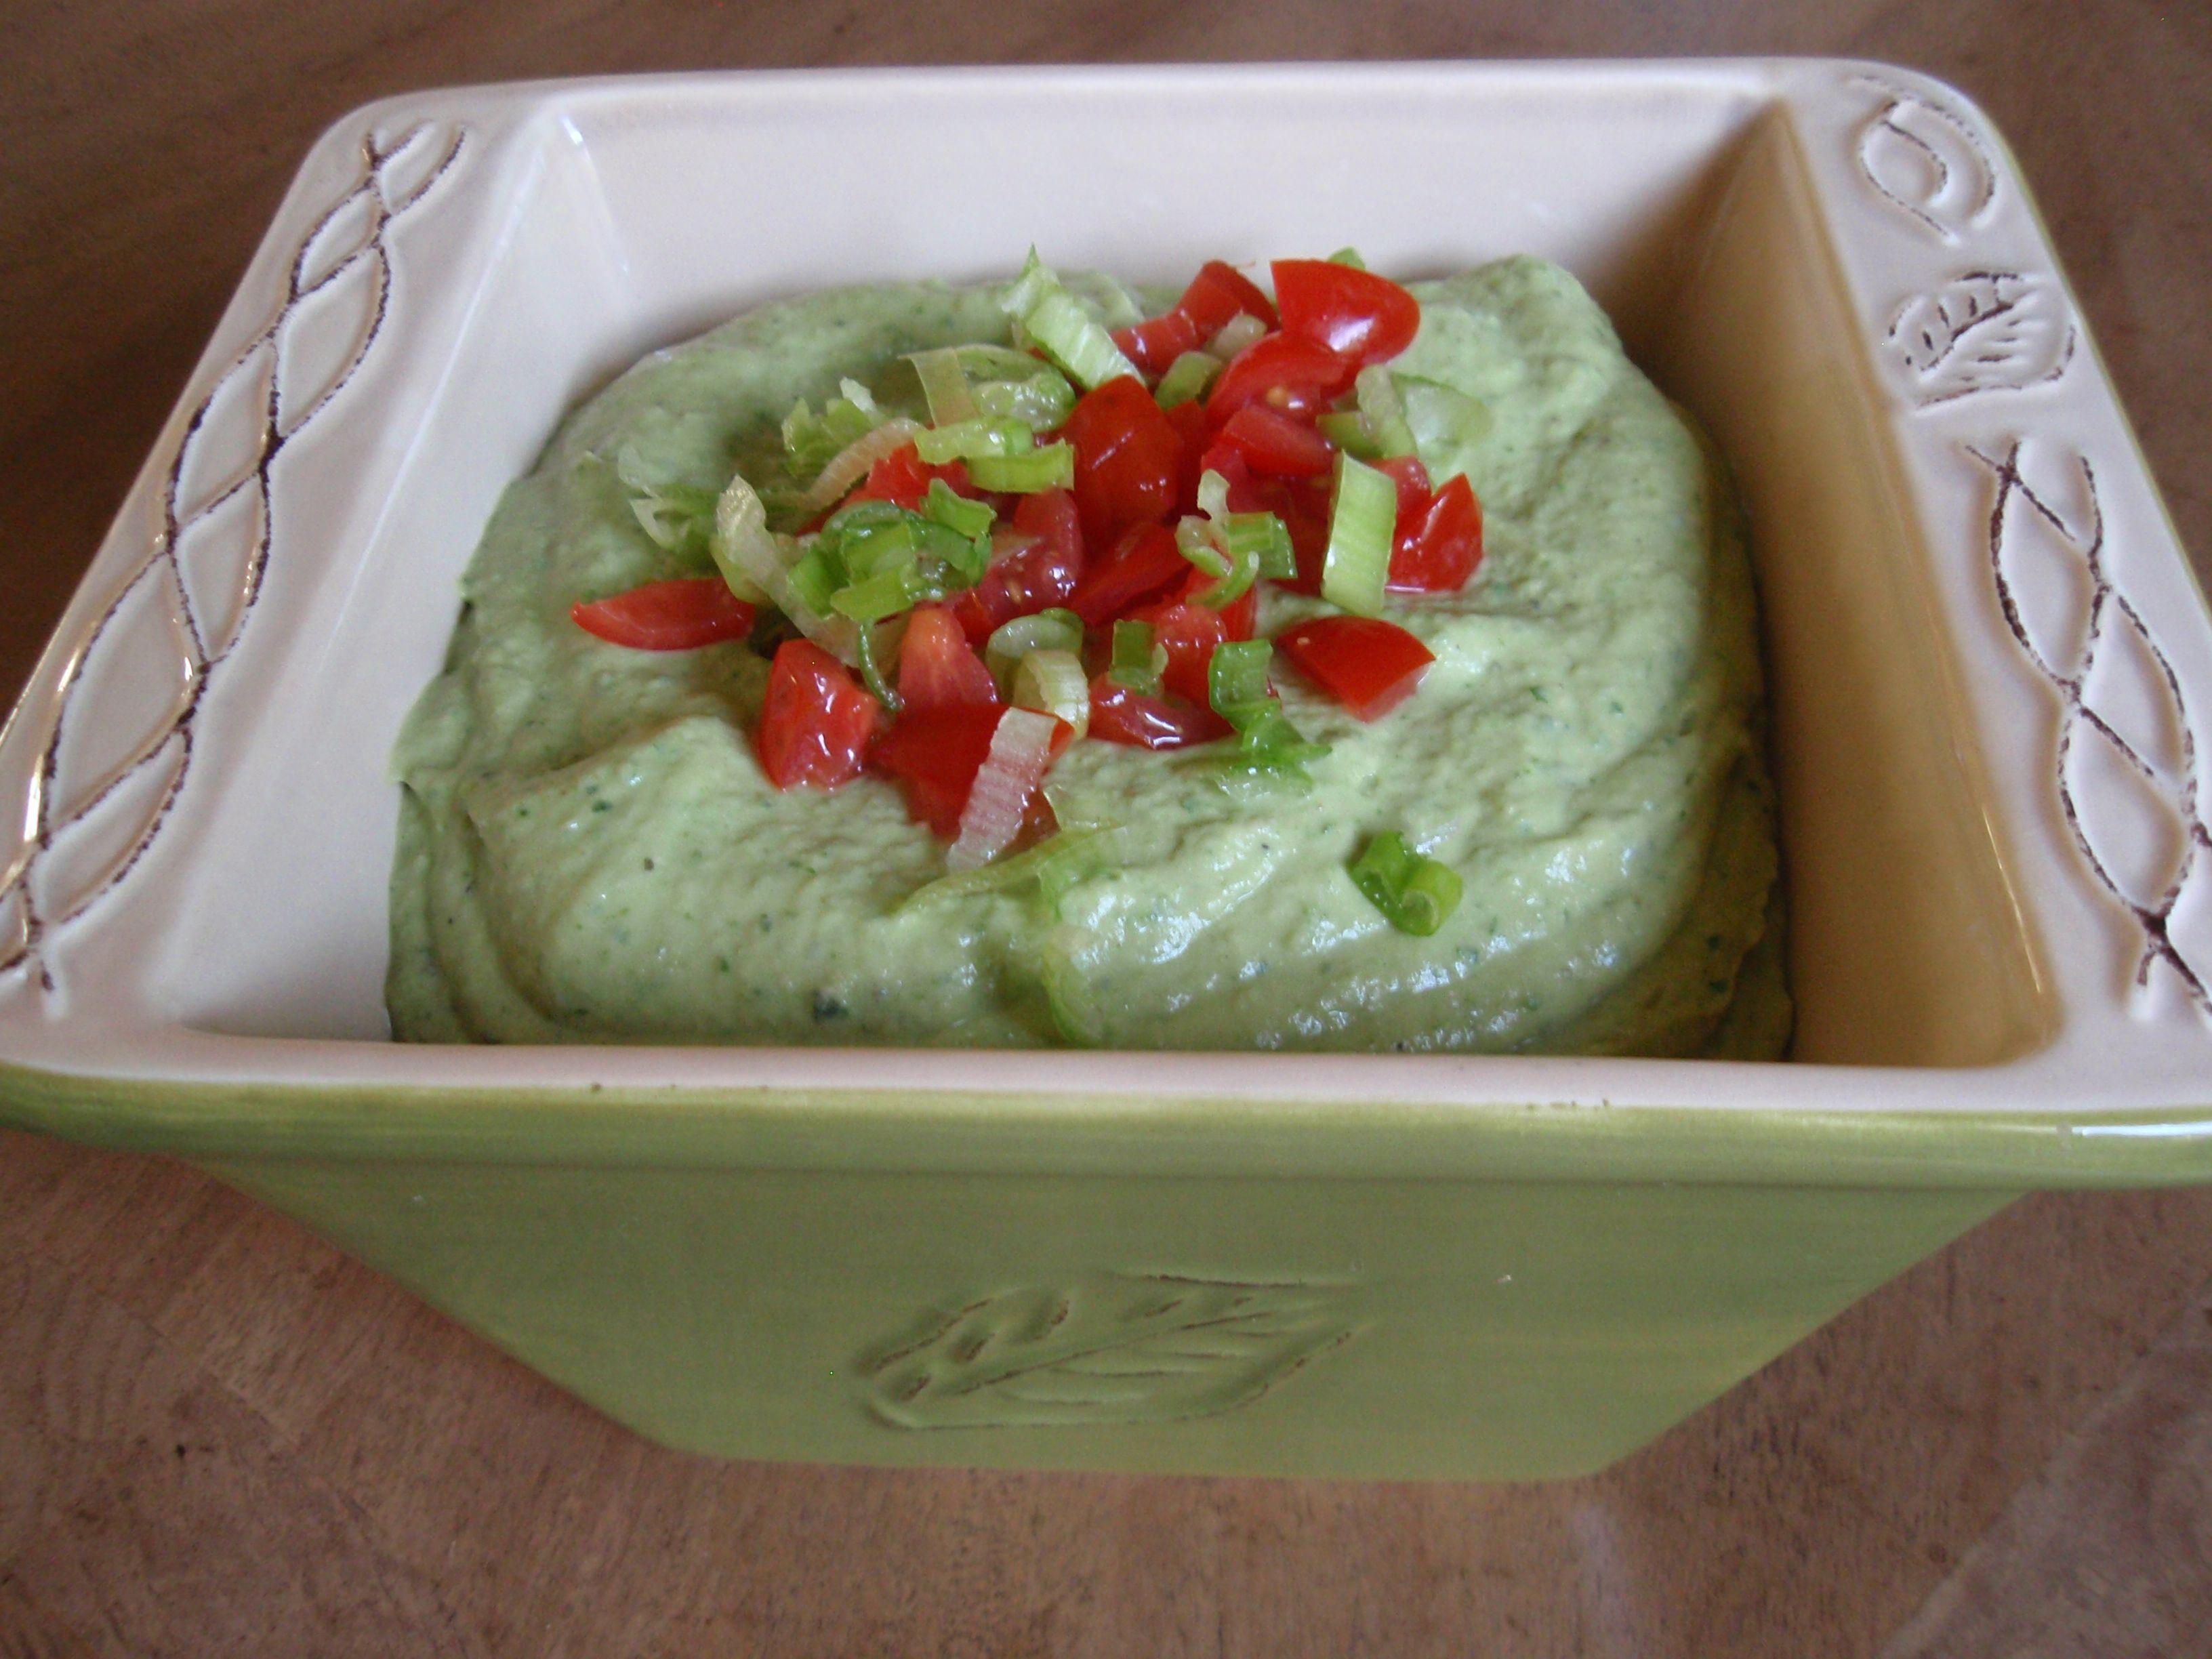 Spinach avocado bean dip/spread